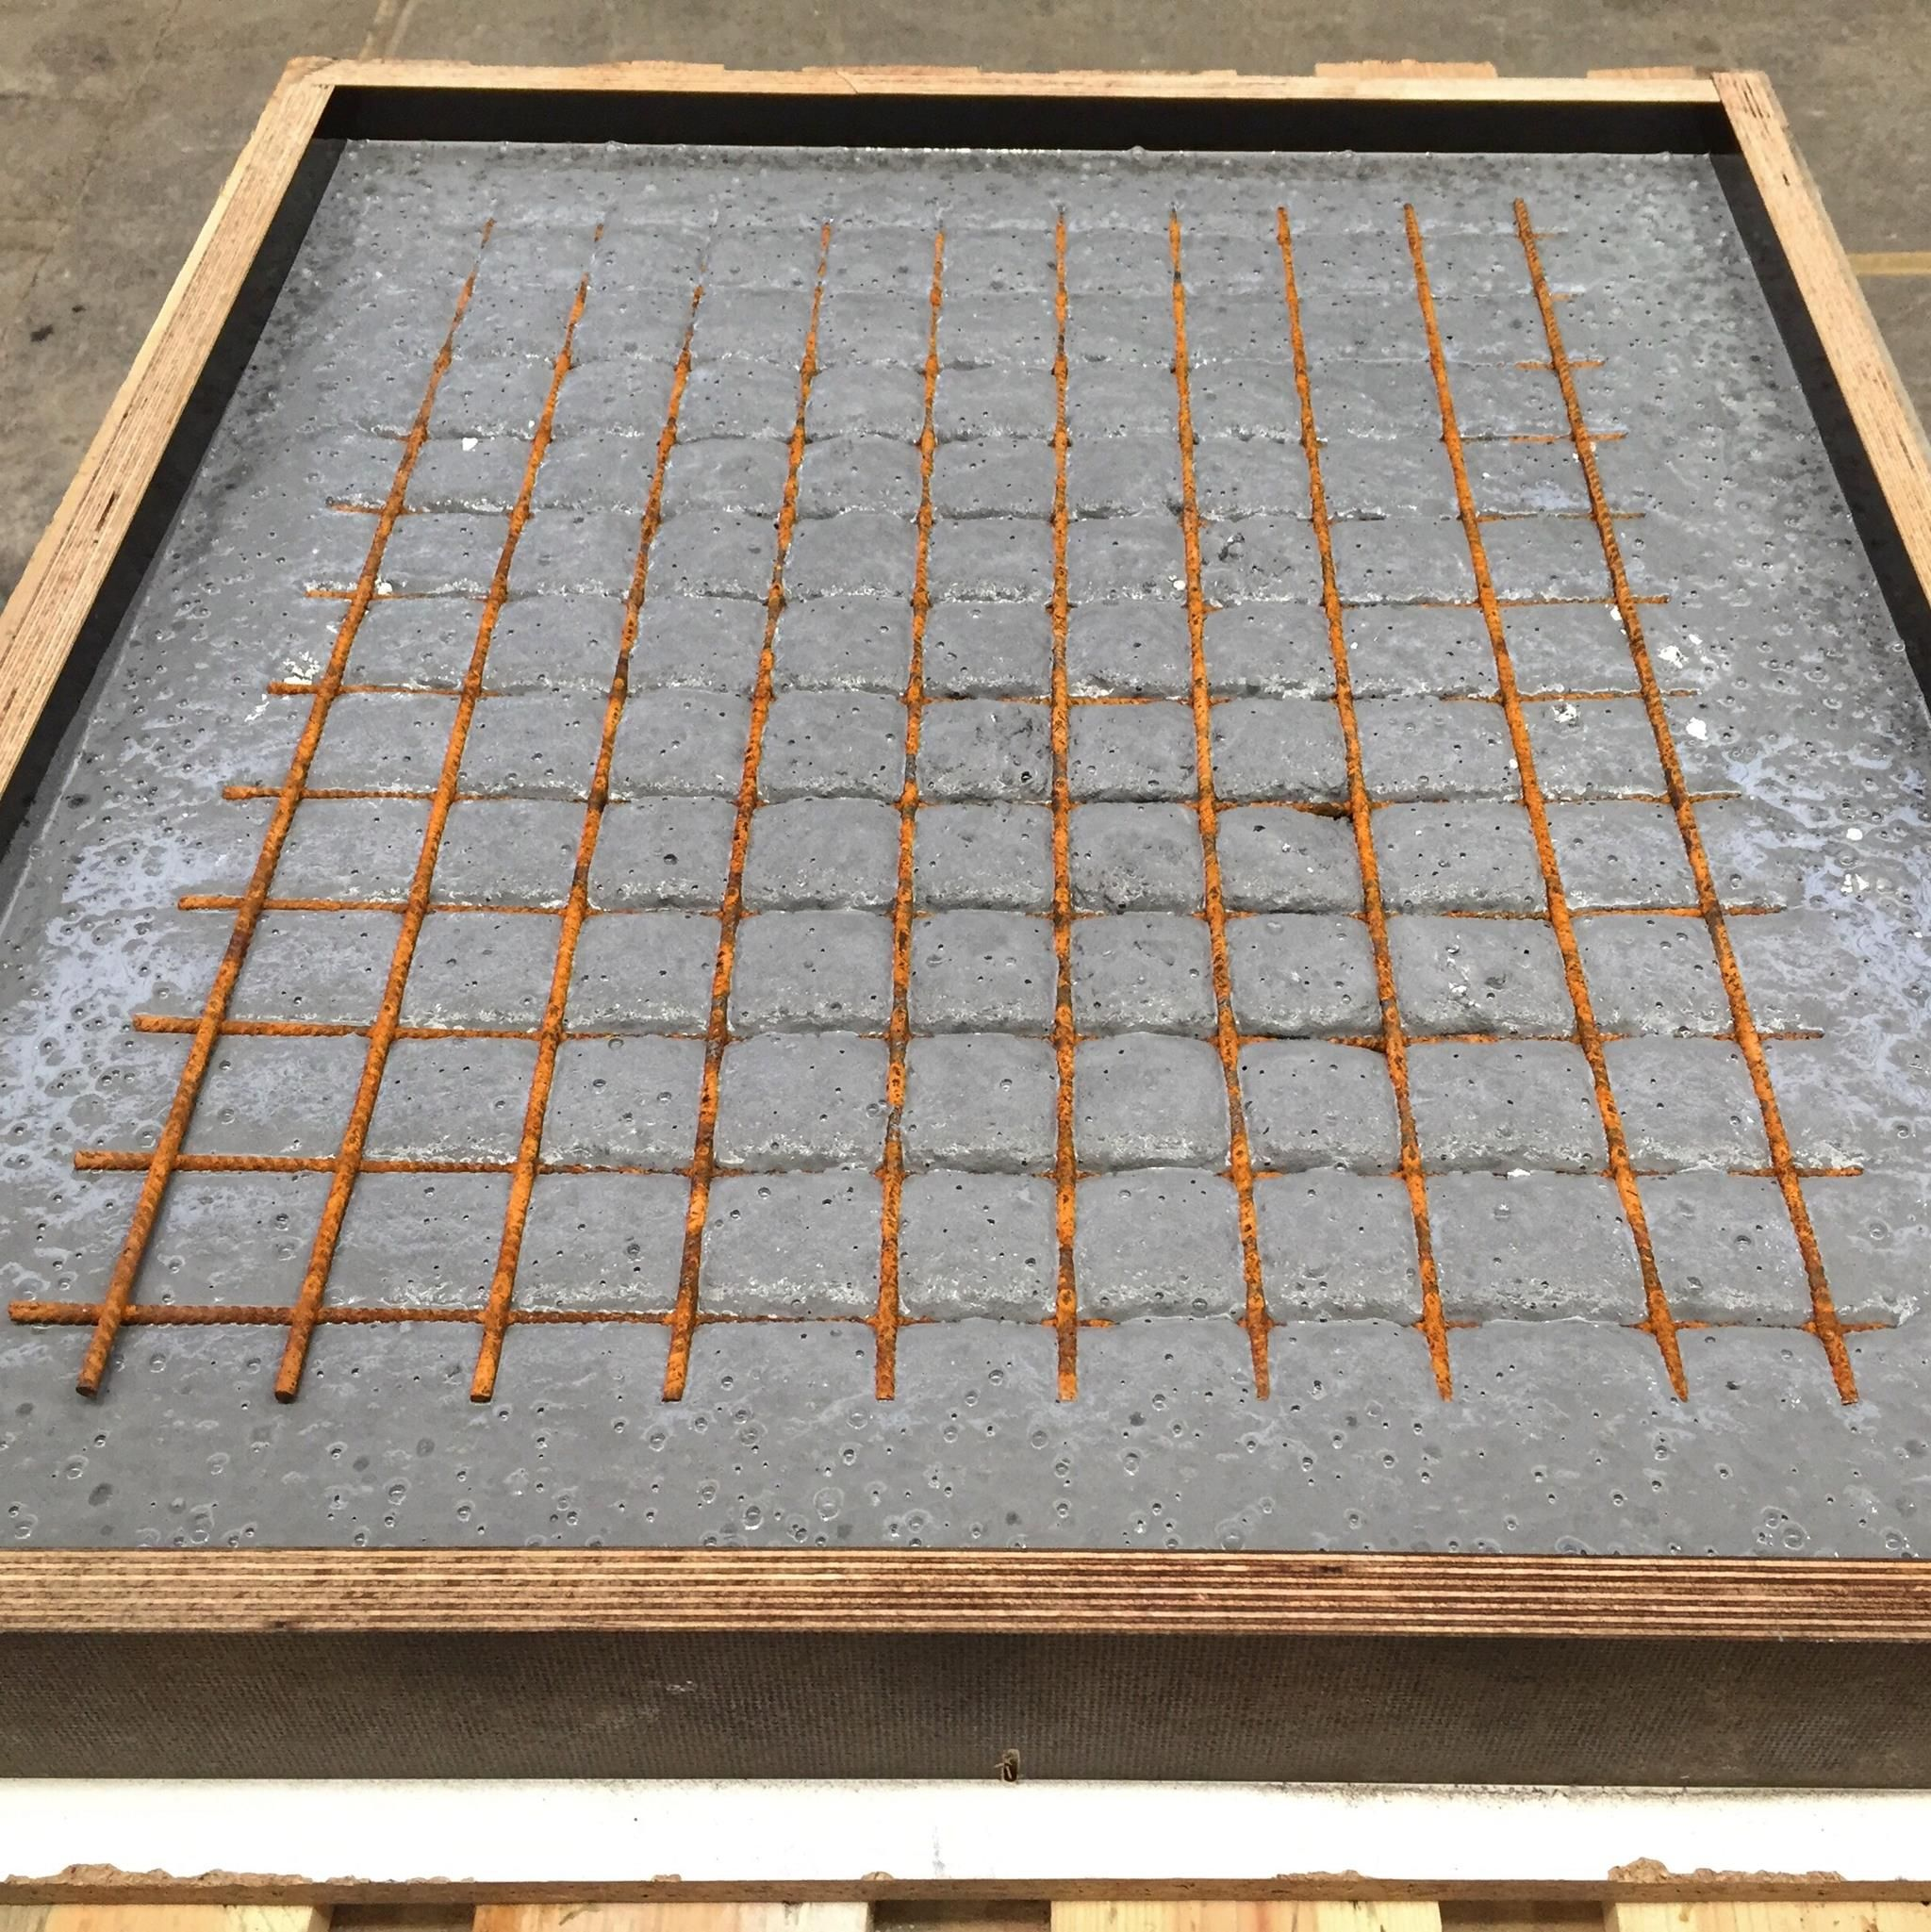 beefer tisch aus holz und beton - bigmeatlove | fck change the world